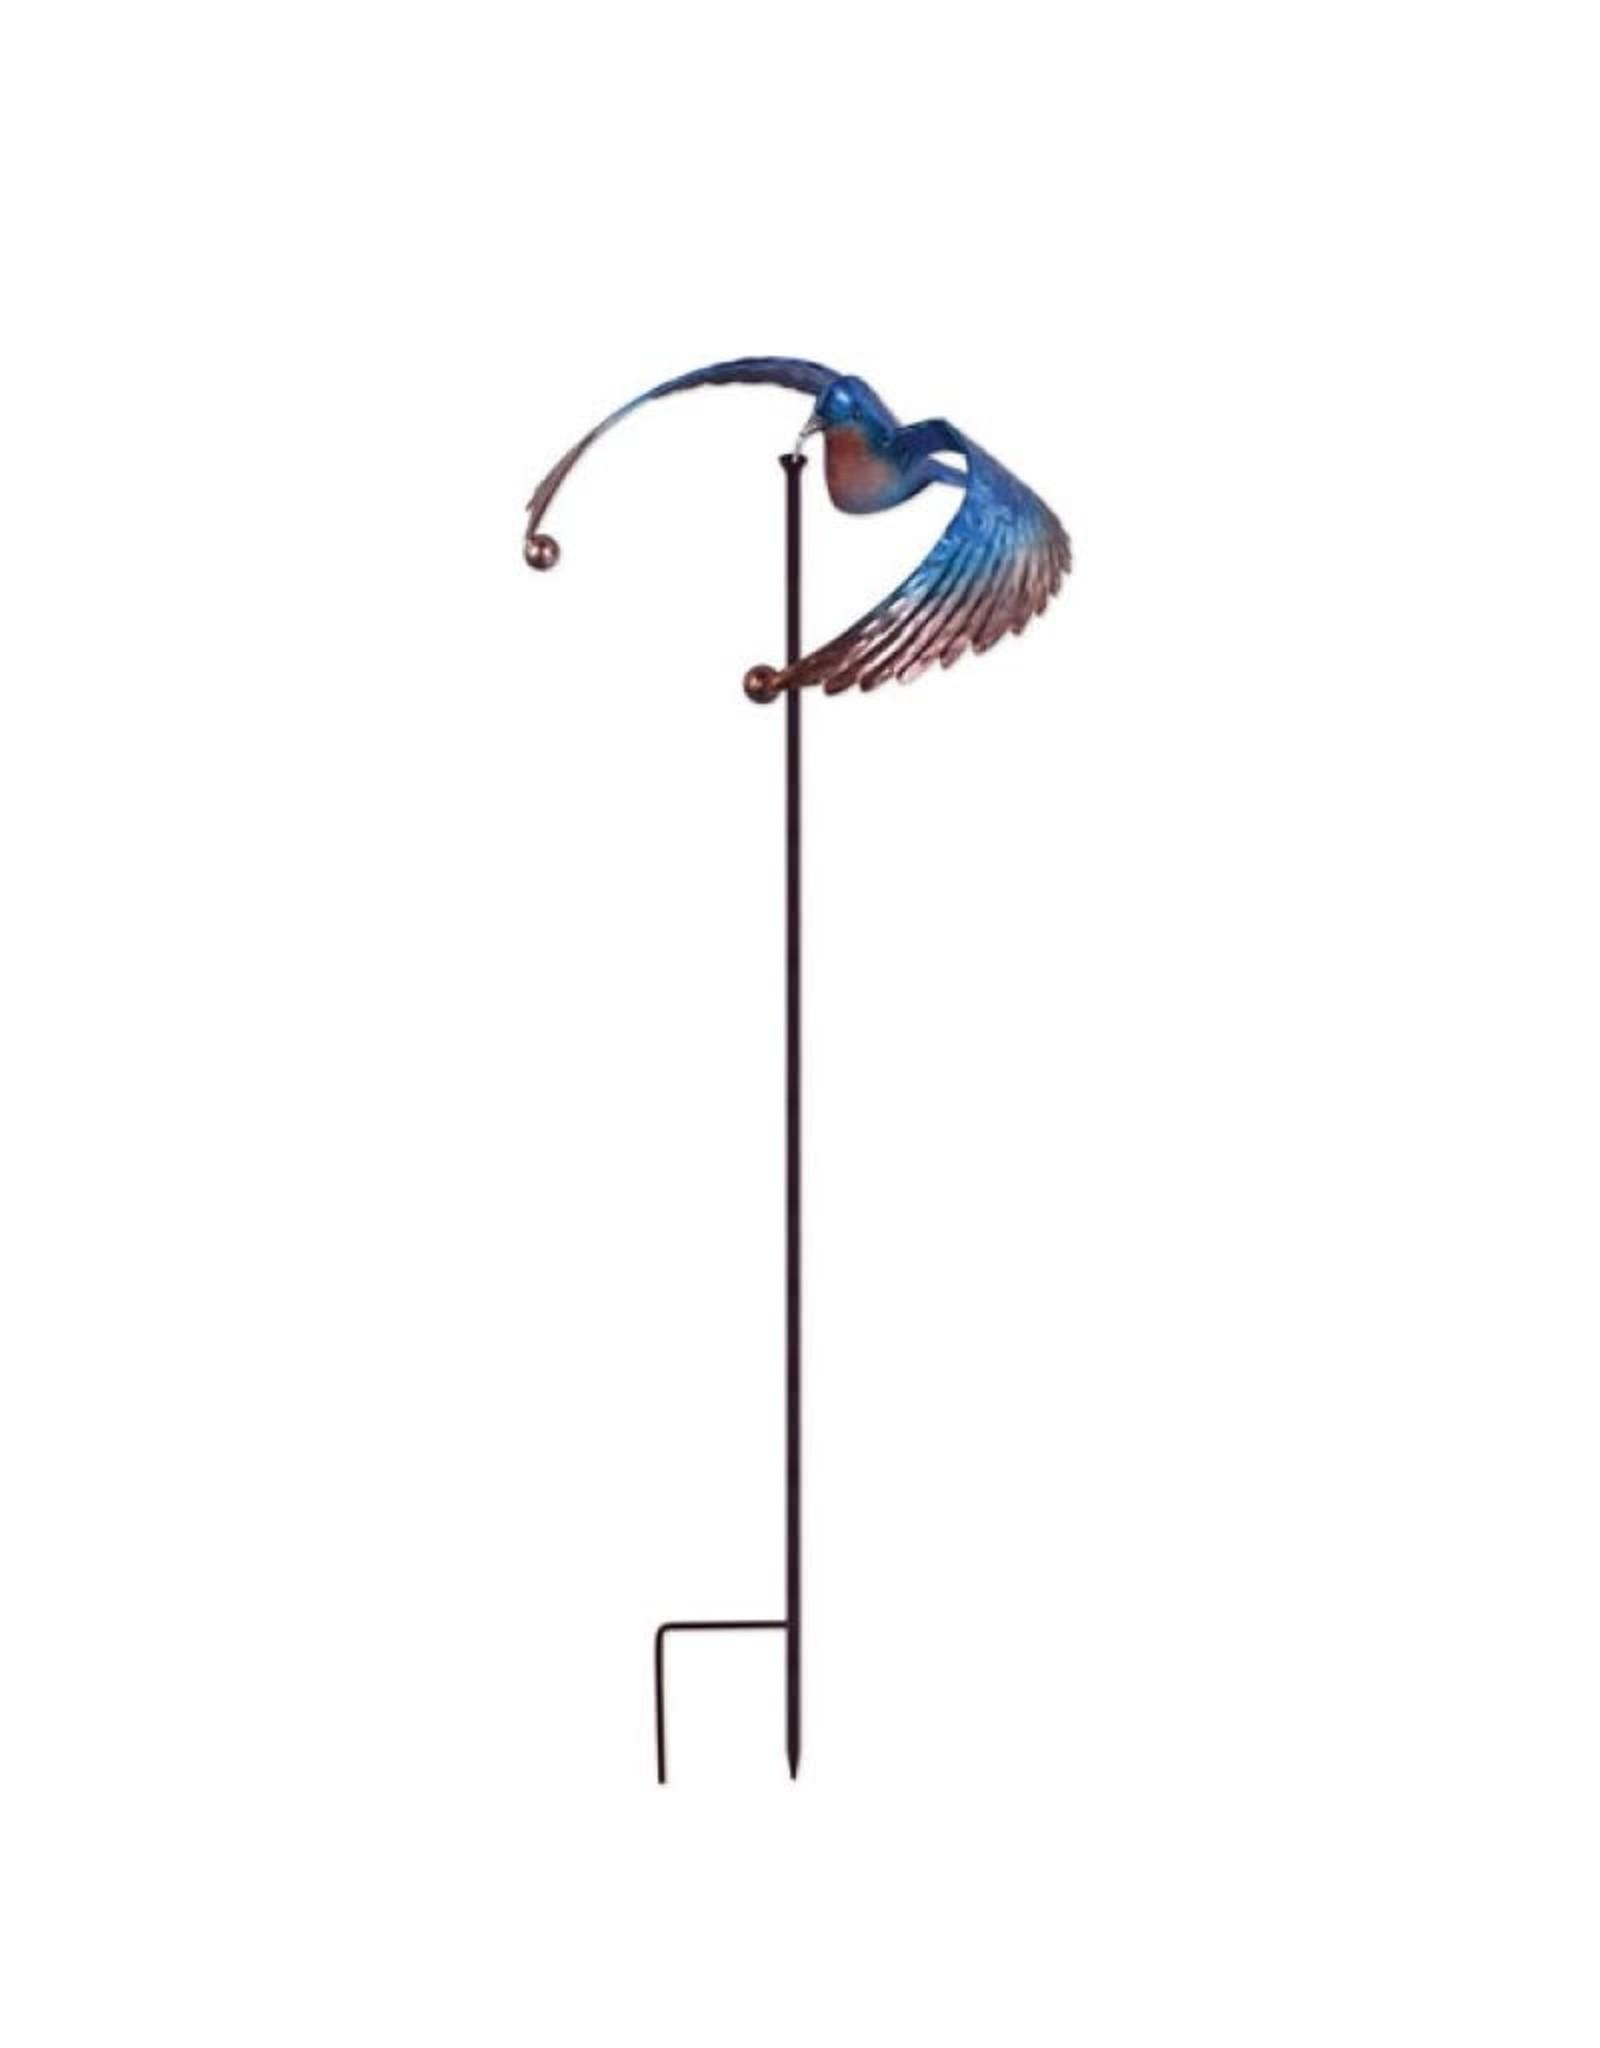 Balancer - Blue Bird